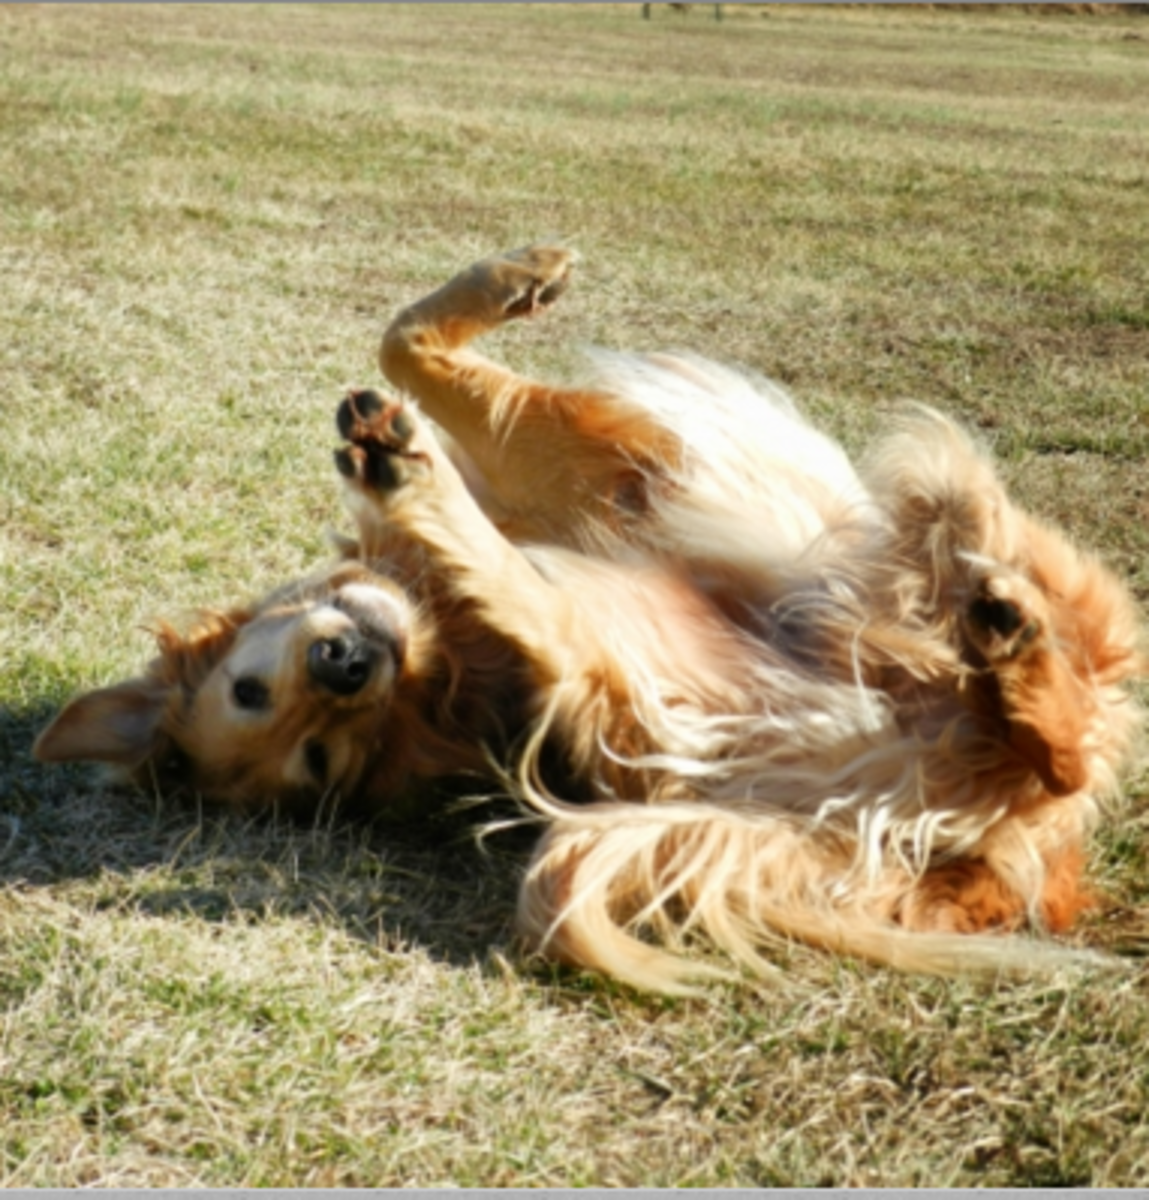 dog rolling after bath